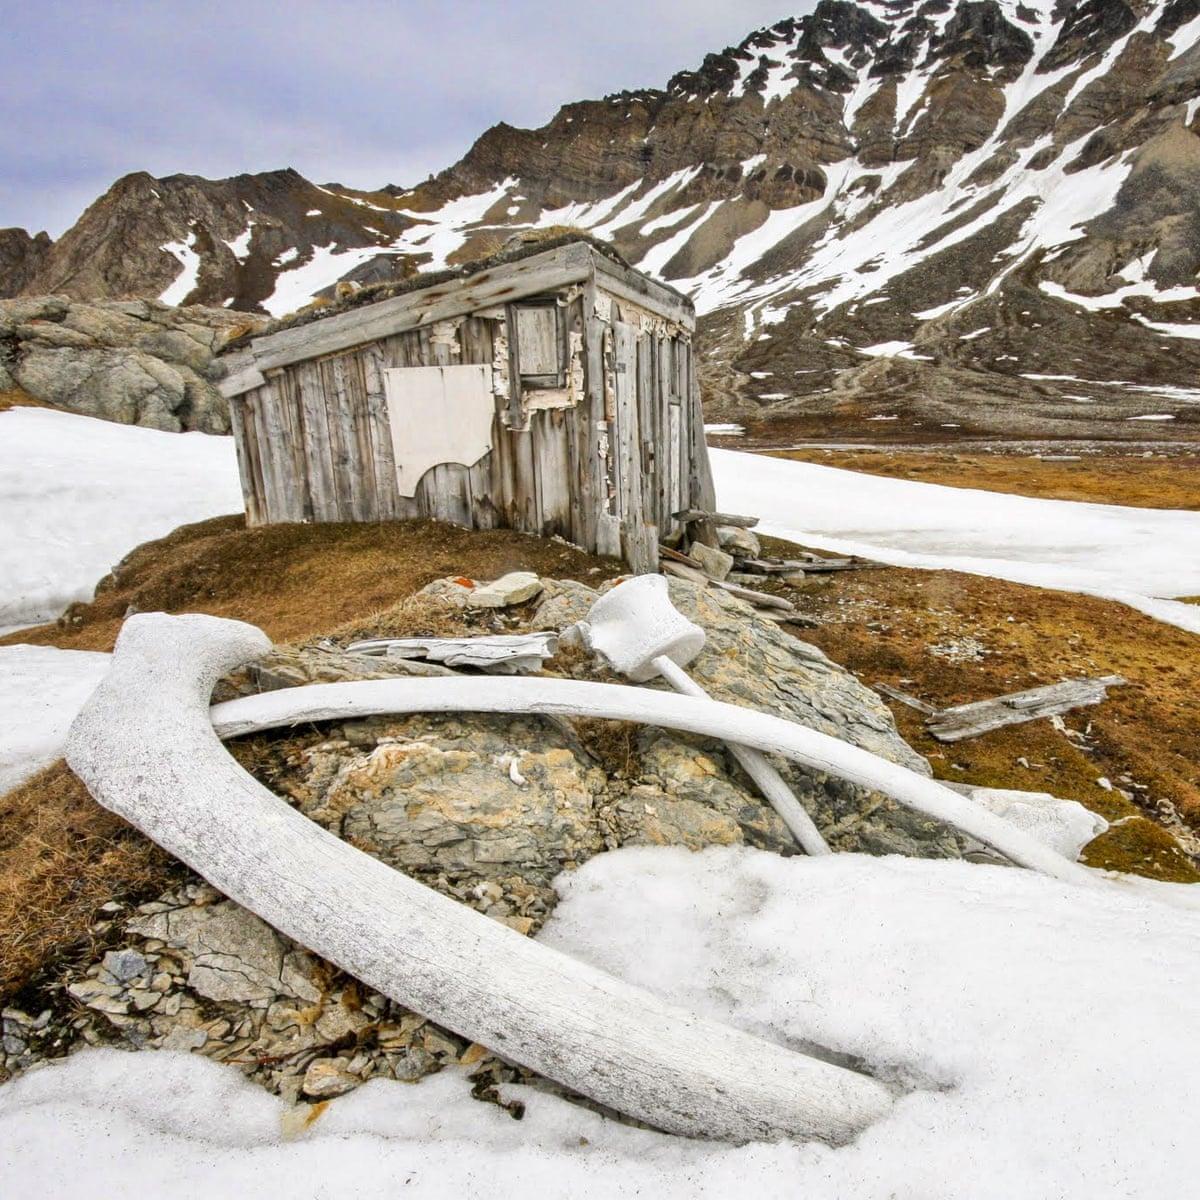 Από τον 17ο αιώνα, η φαλαινοθηρία για το λίπος και το πετρέλαιο ήταν ευρέως διαδεδομένη στο Σβάλμπαρντ της Νορβηγίας. Λόγω των χαμηλών θερμοκρασιών, μερικές καλύβες της εποχής έχουν παραμείνει άθικτες και προστατεύονται πλέον ως μνημεία, όπως η παραπάνω καλύβα στο εξωτερικό της οποίας διακρίνονται οστά φάλαινας